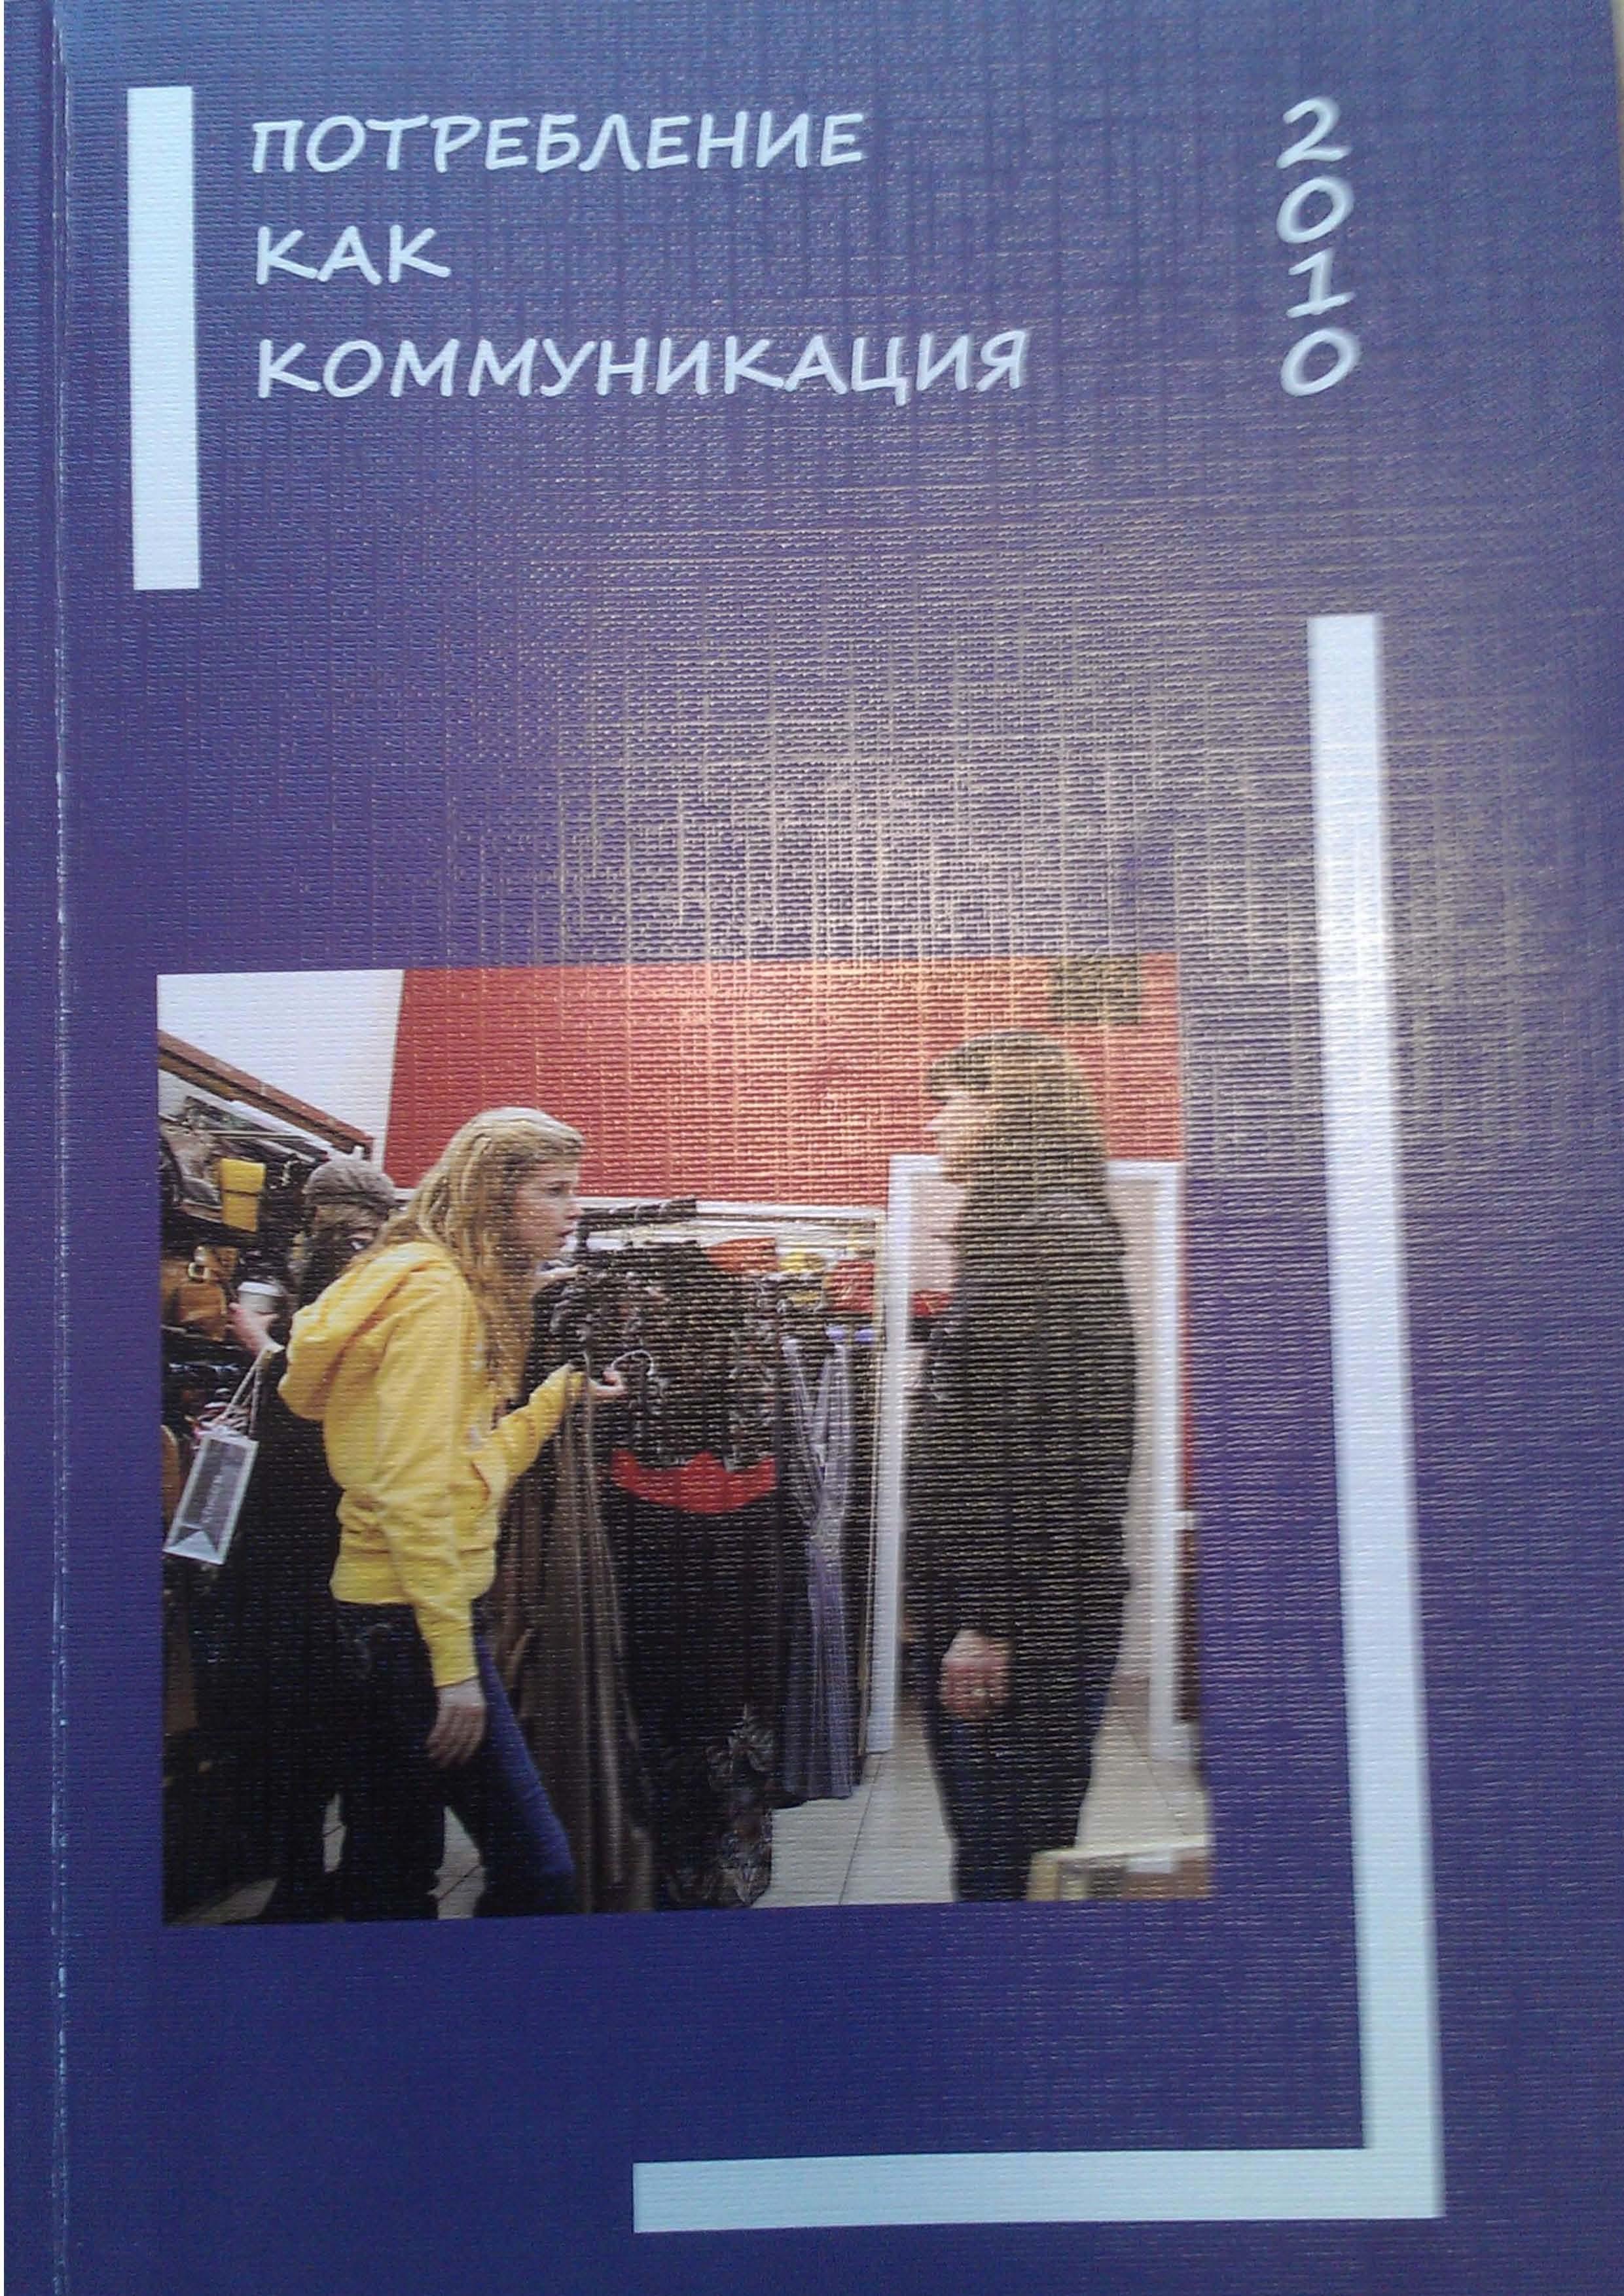 Феномен показного потребления и потребительское поведение современных россиянок